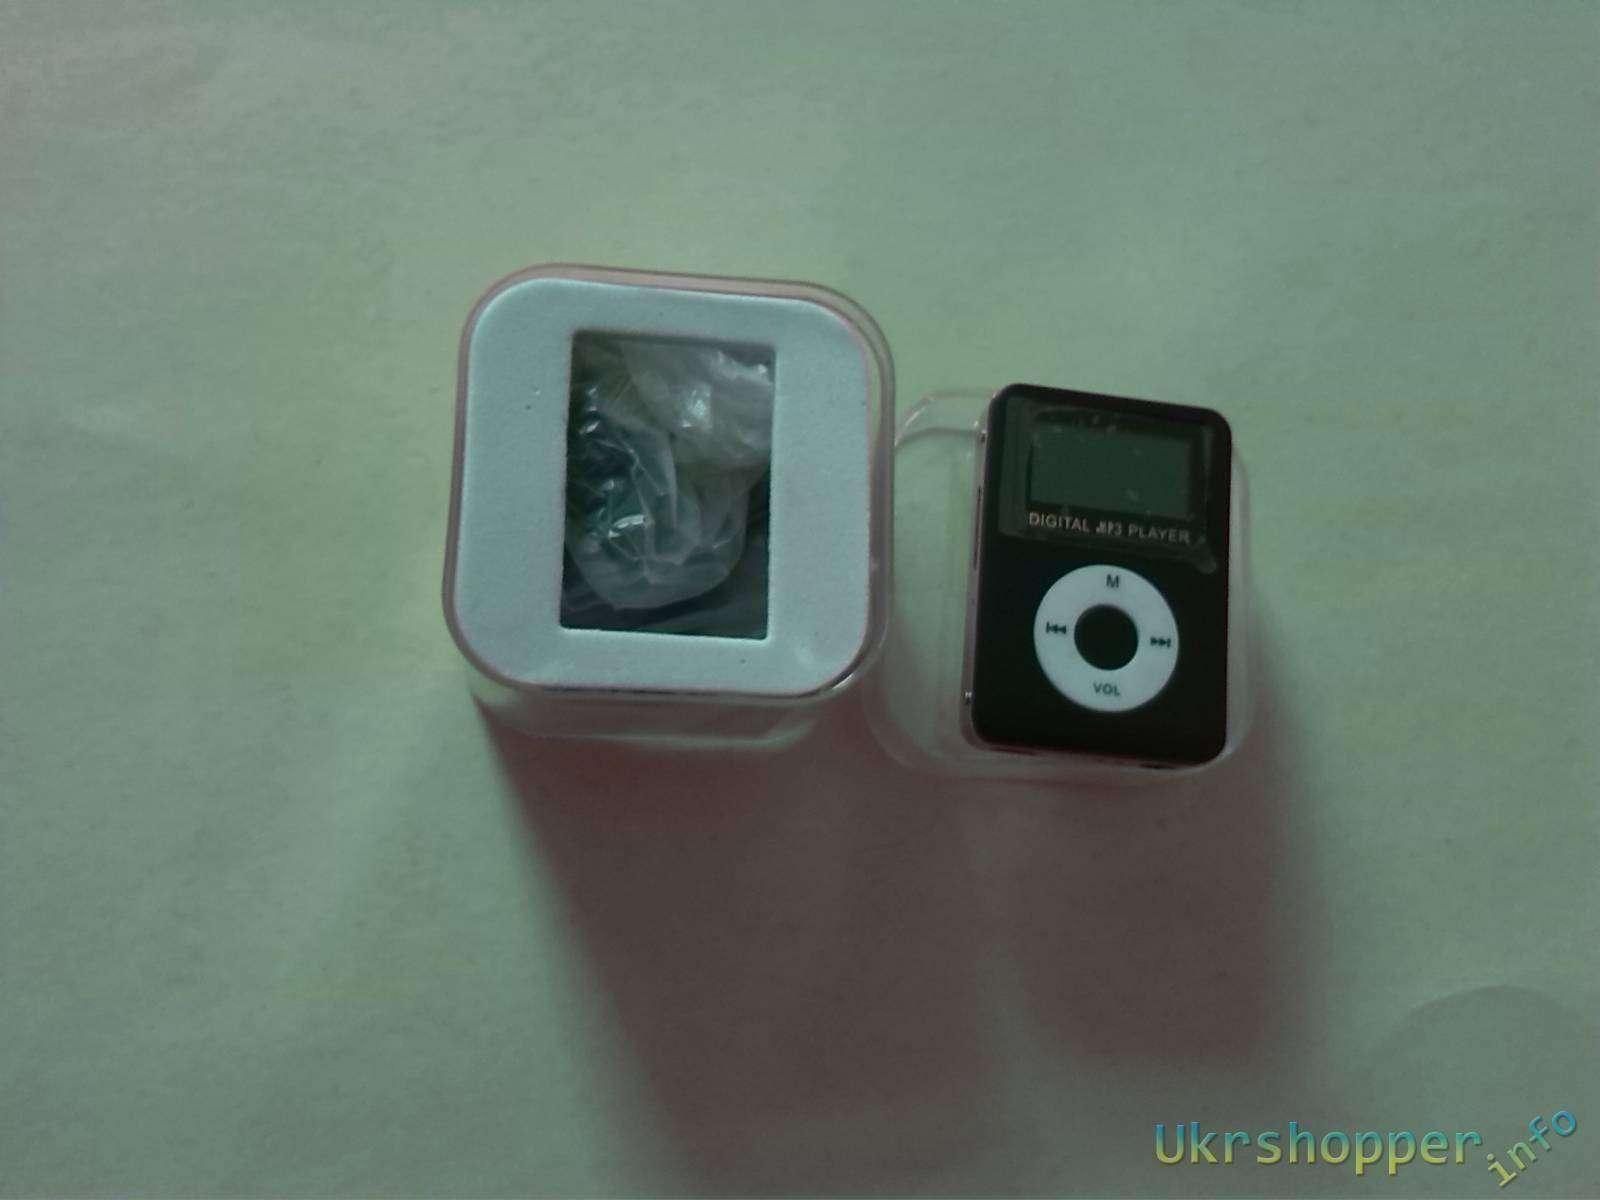 Aliexpress: Маленький MP3 плейер на аккумуляторе по гуманной цене с экраном и 4 Гб памяти